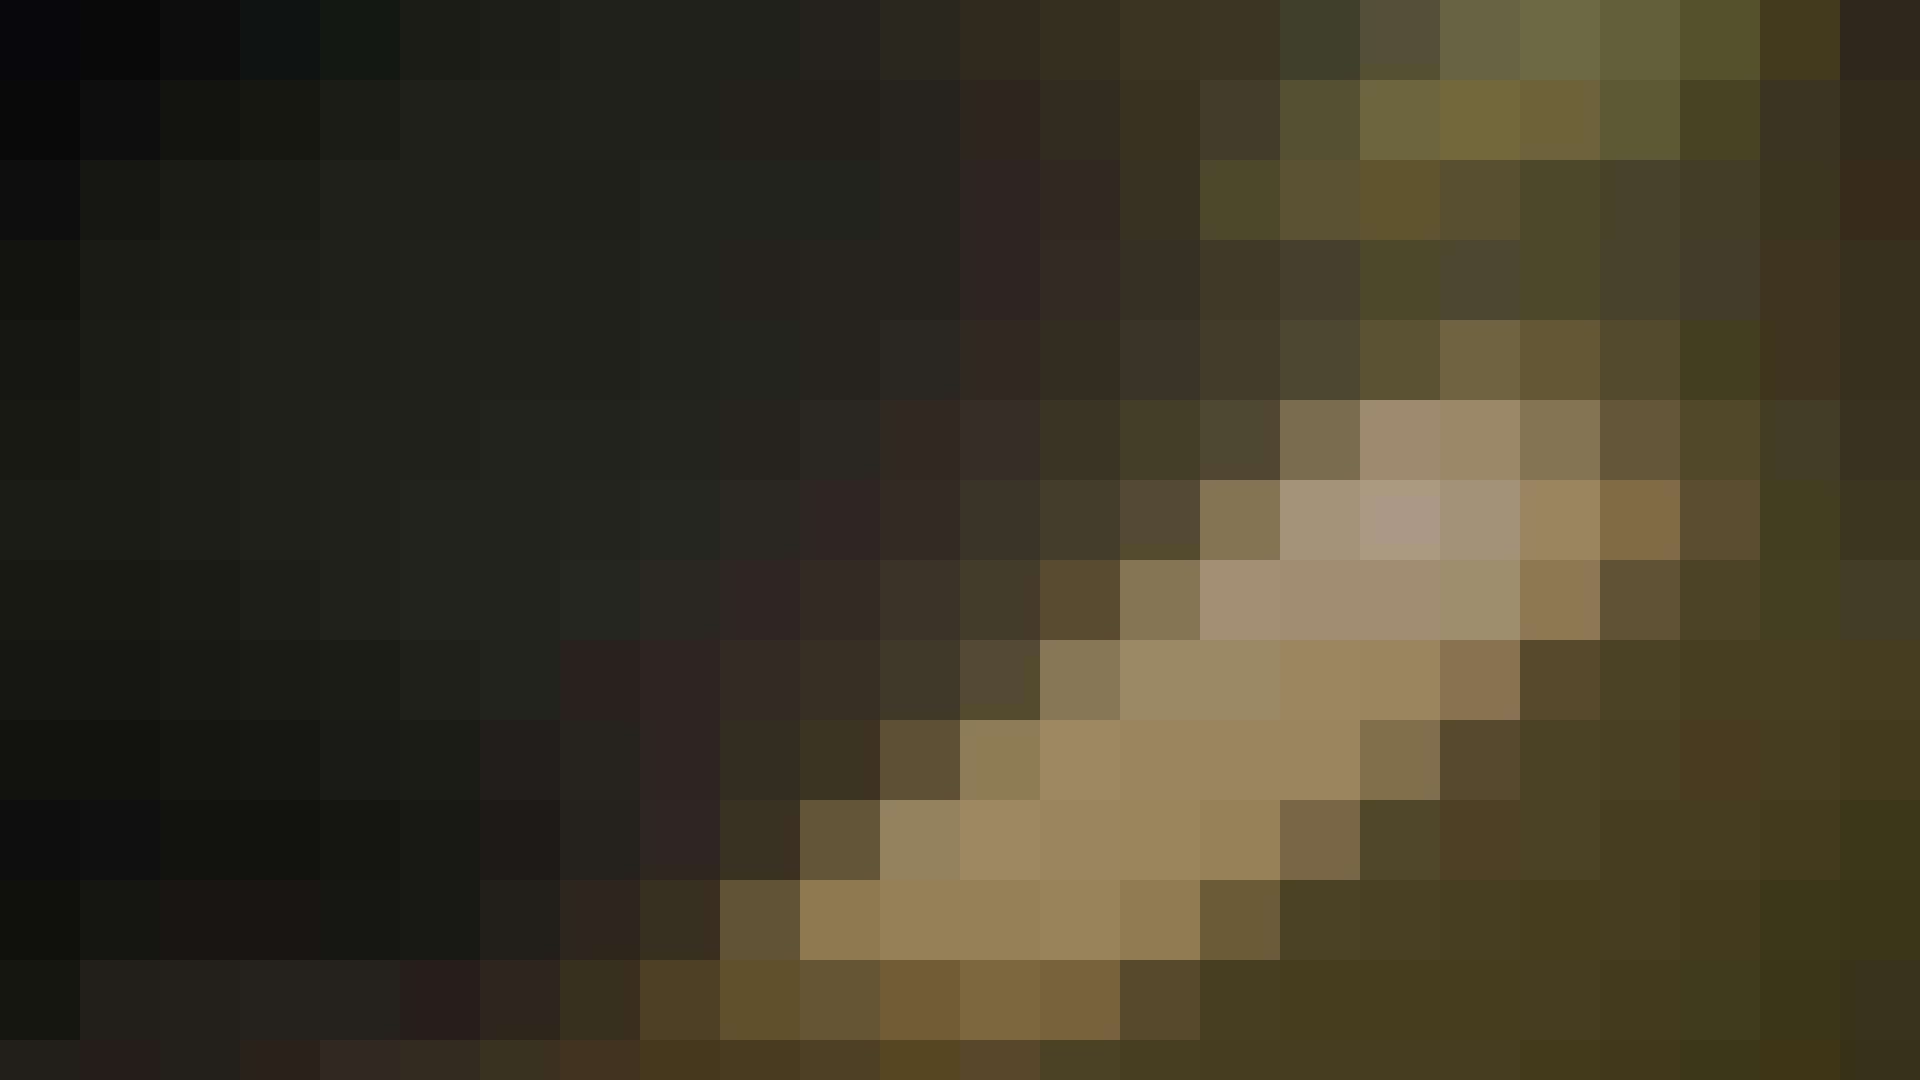 阿国ちゃんの「和式洋式七変化」No.18 iBO(フタコブ) 洗面所 エロ無料画像 96画像 82